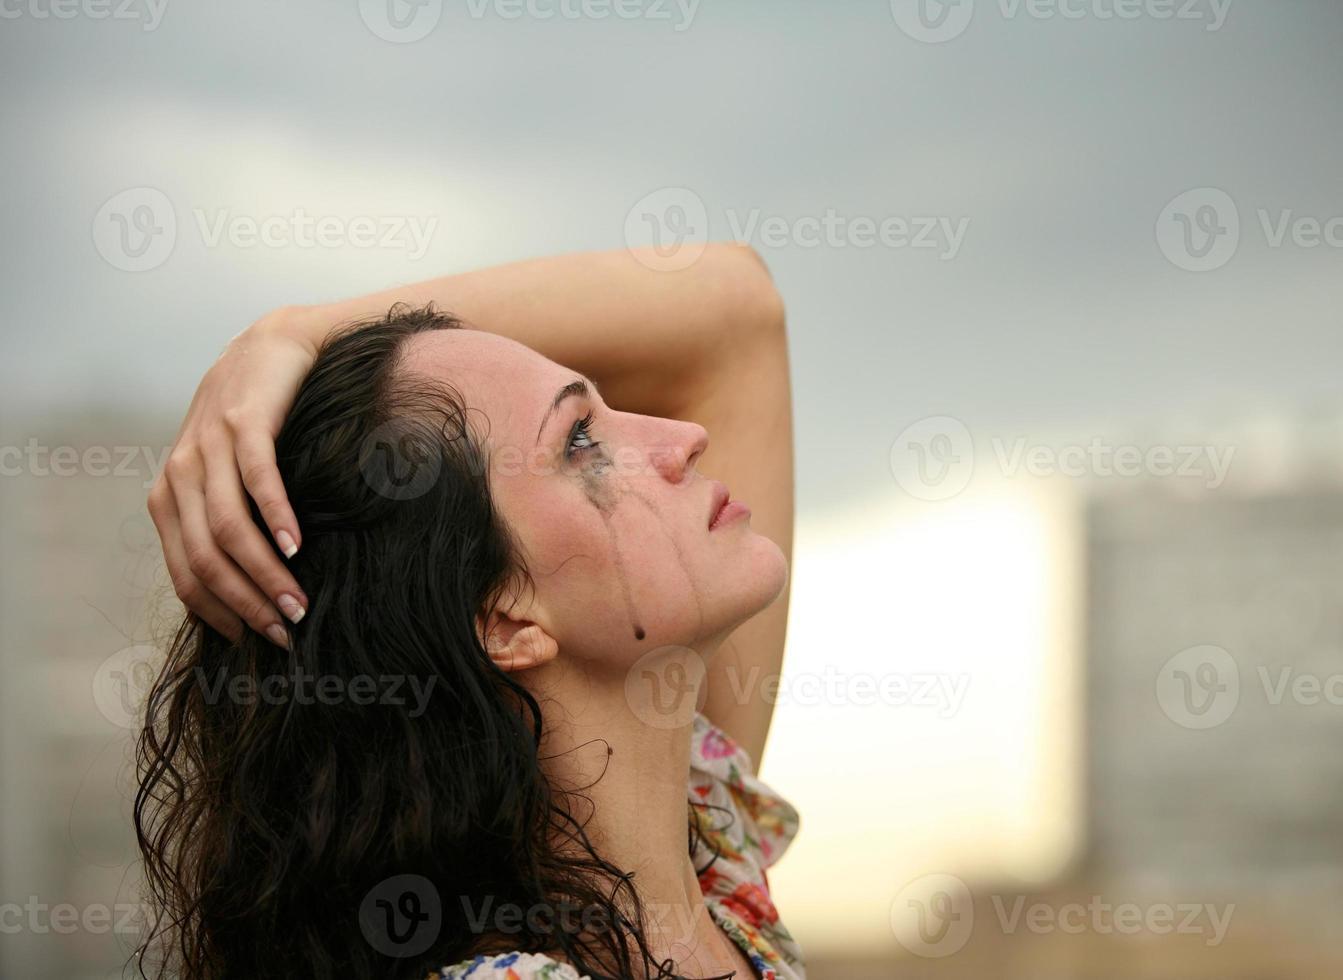 ragazza solitaria foto